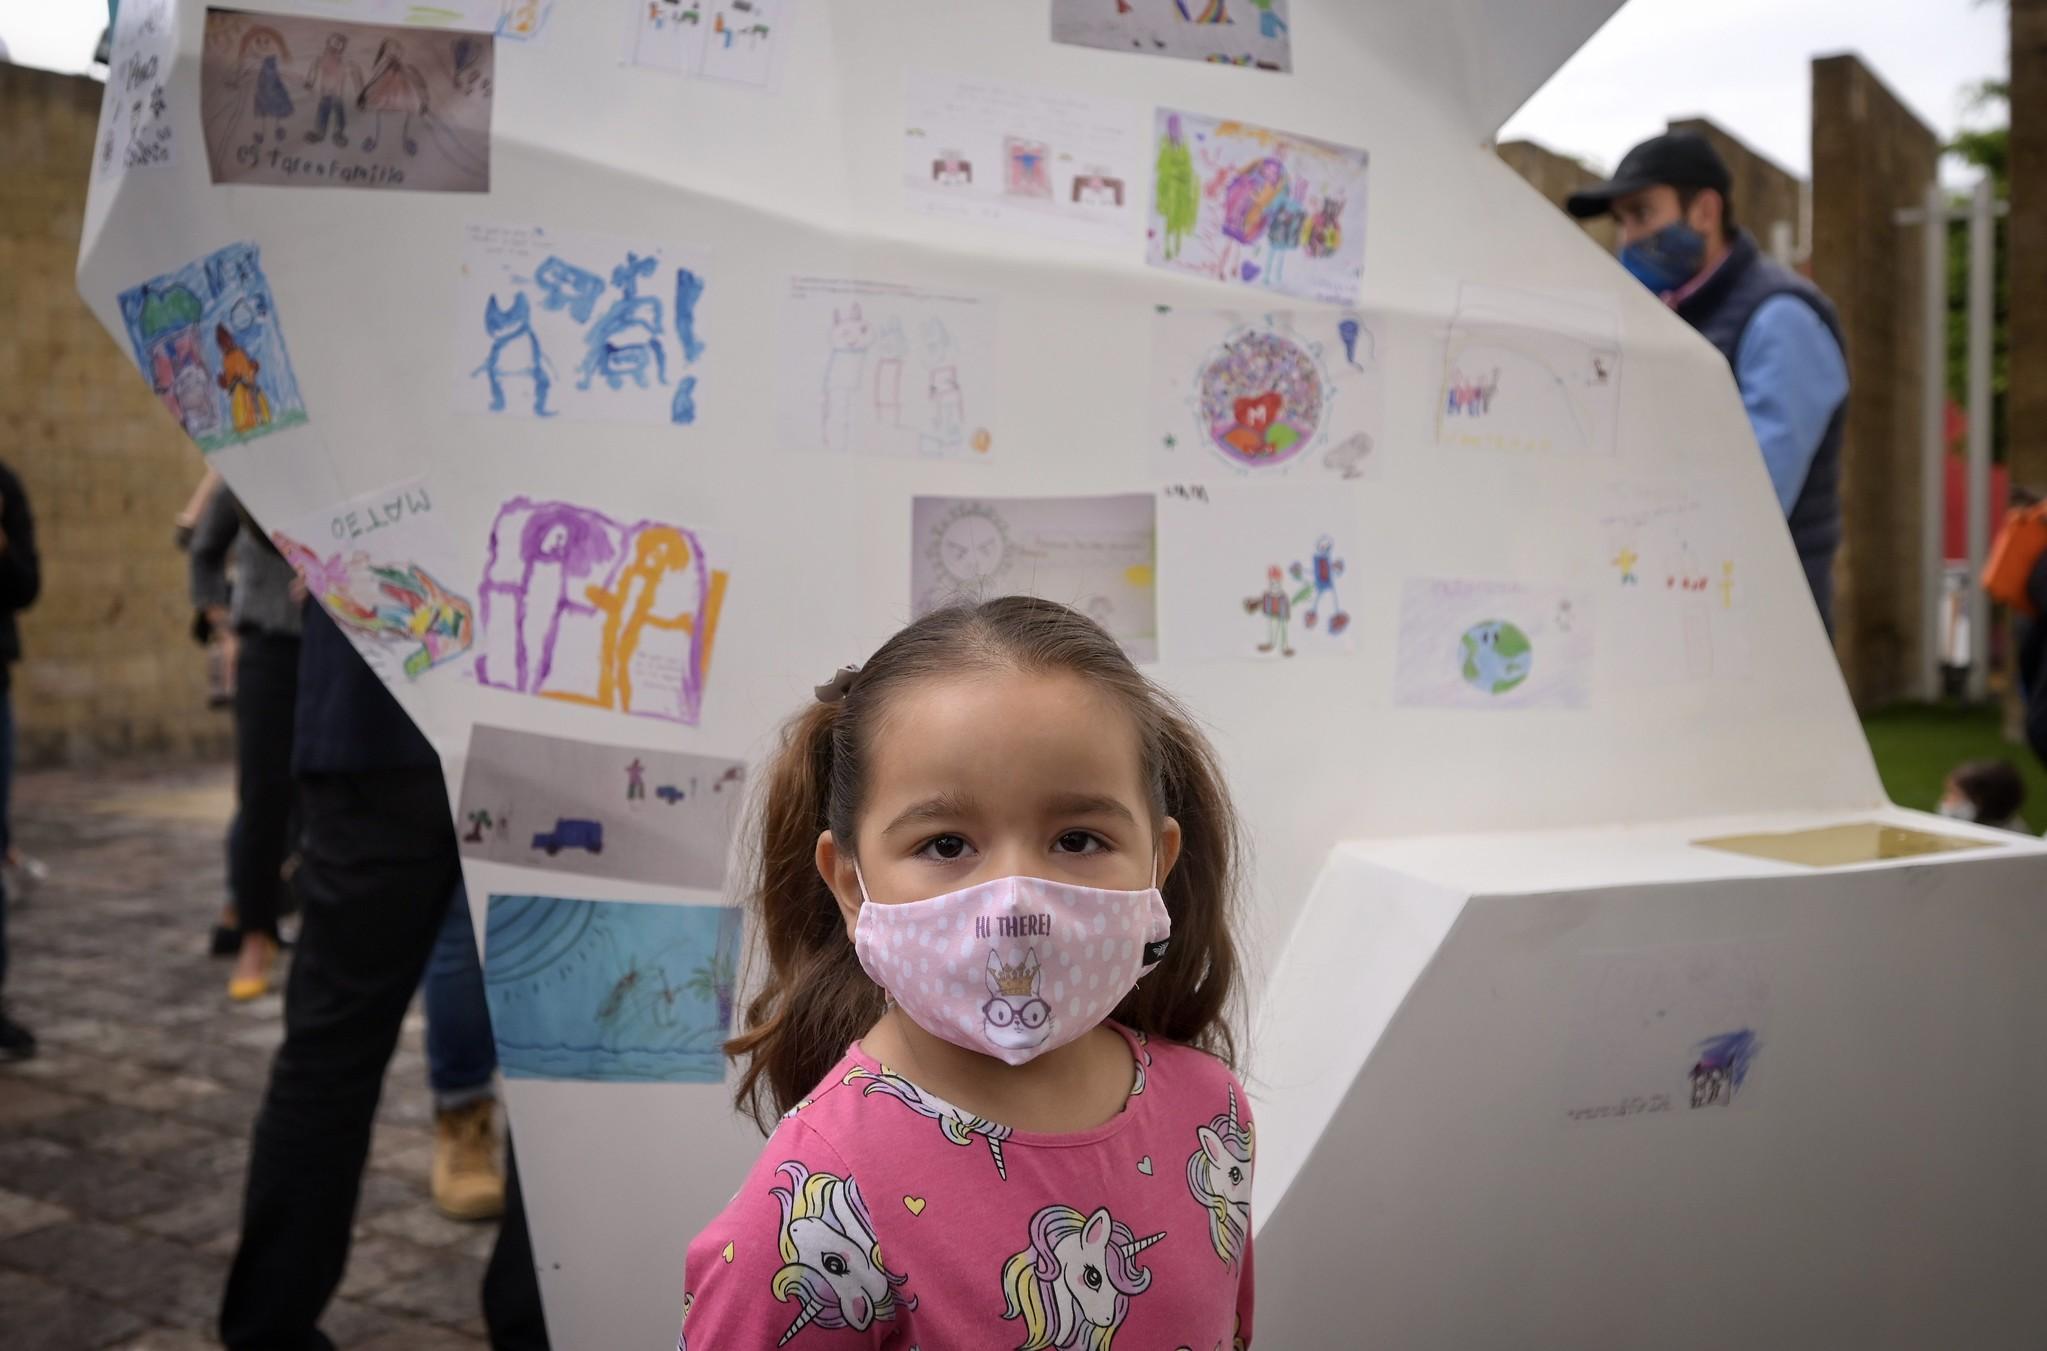 Niñas y niños intervendrán con postales algunos monumentos en la Zona Metropolitana de Guadalajara.